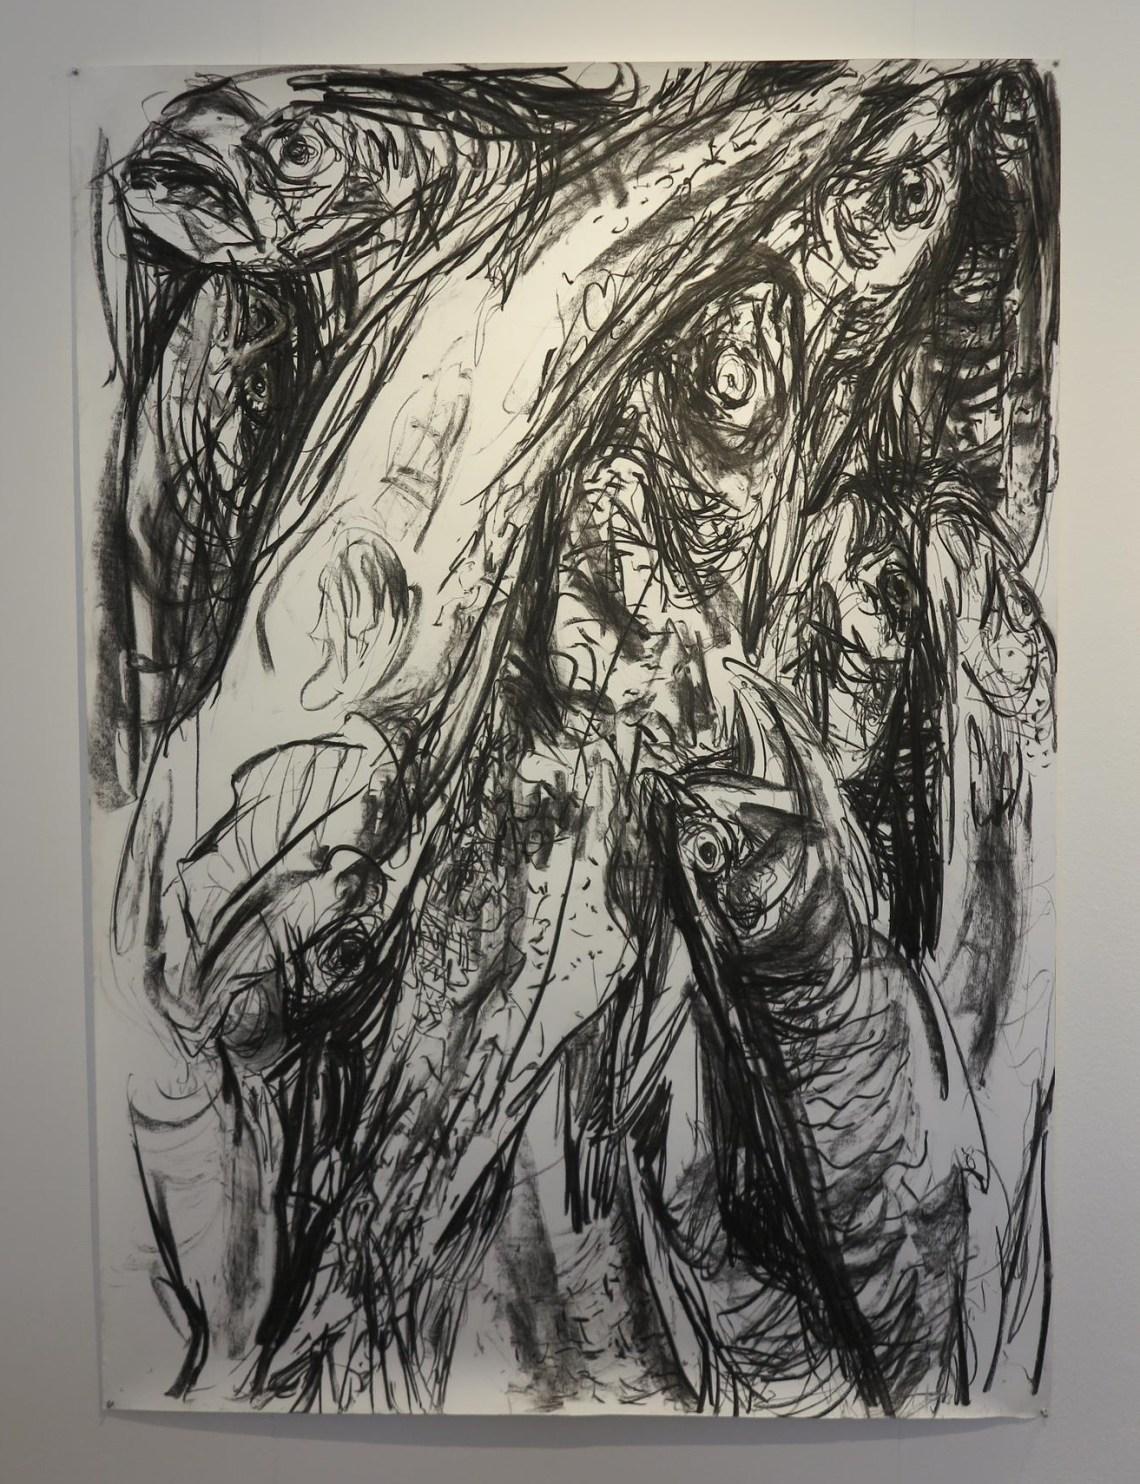 Wieske Wester- galerie Durst Britt & Mayhew